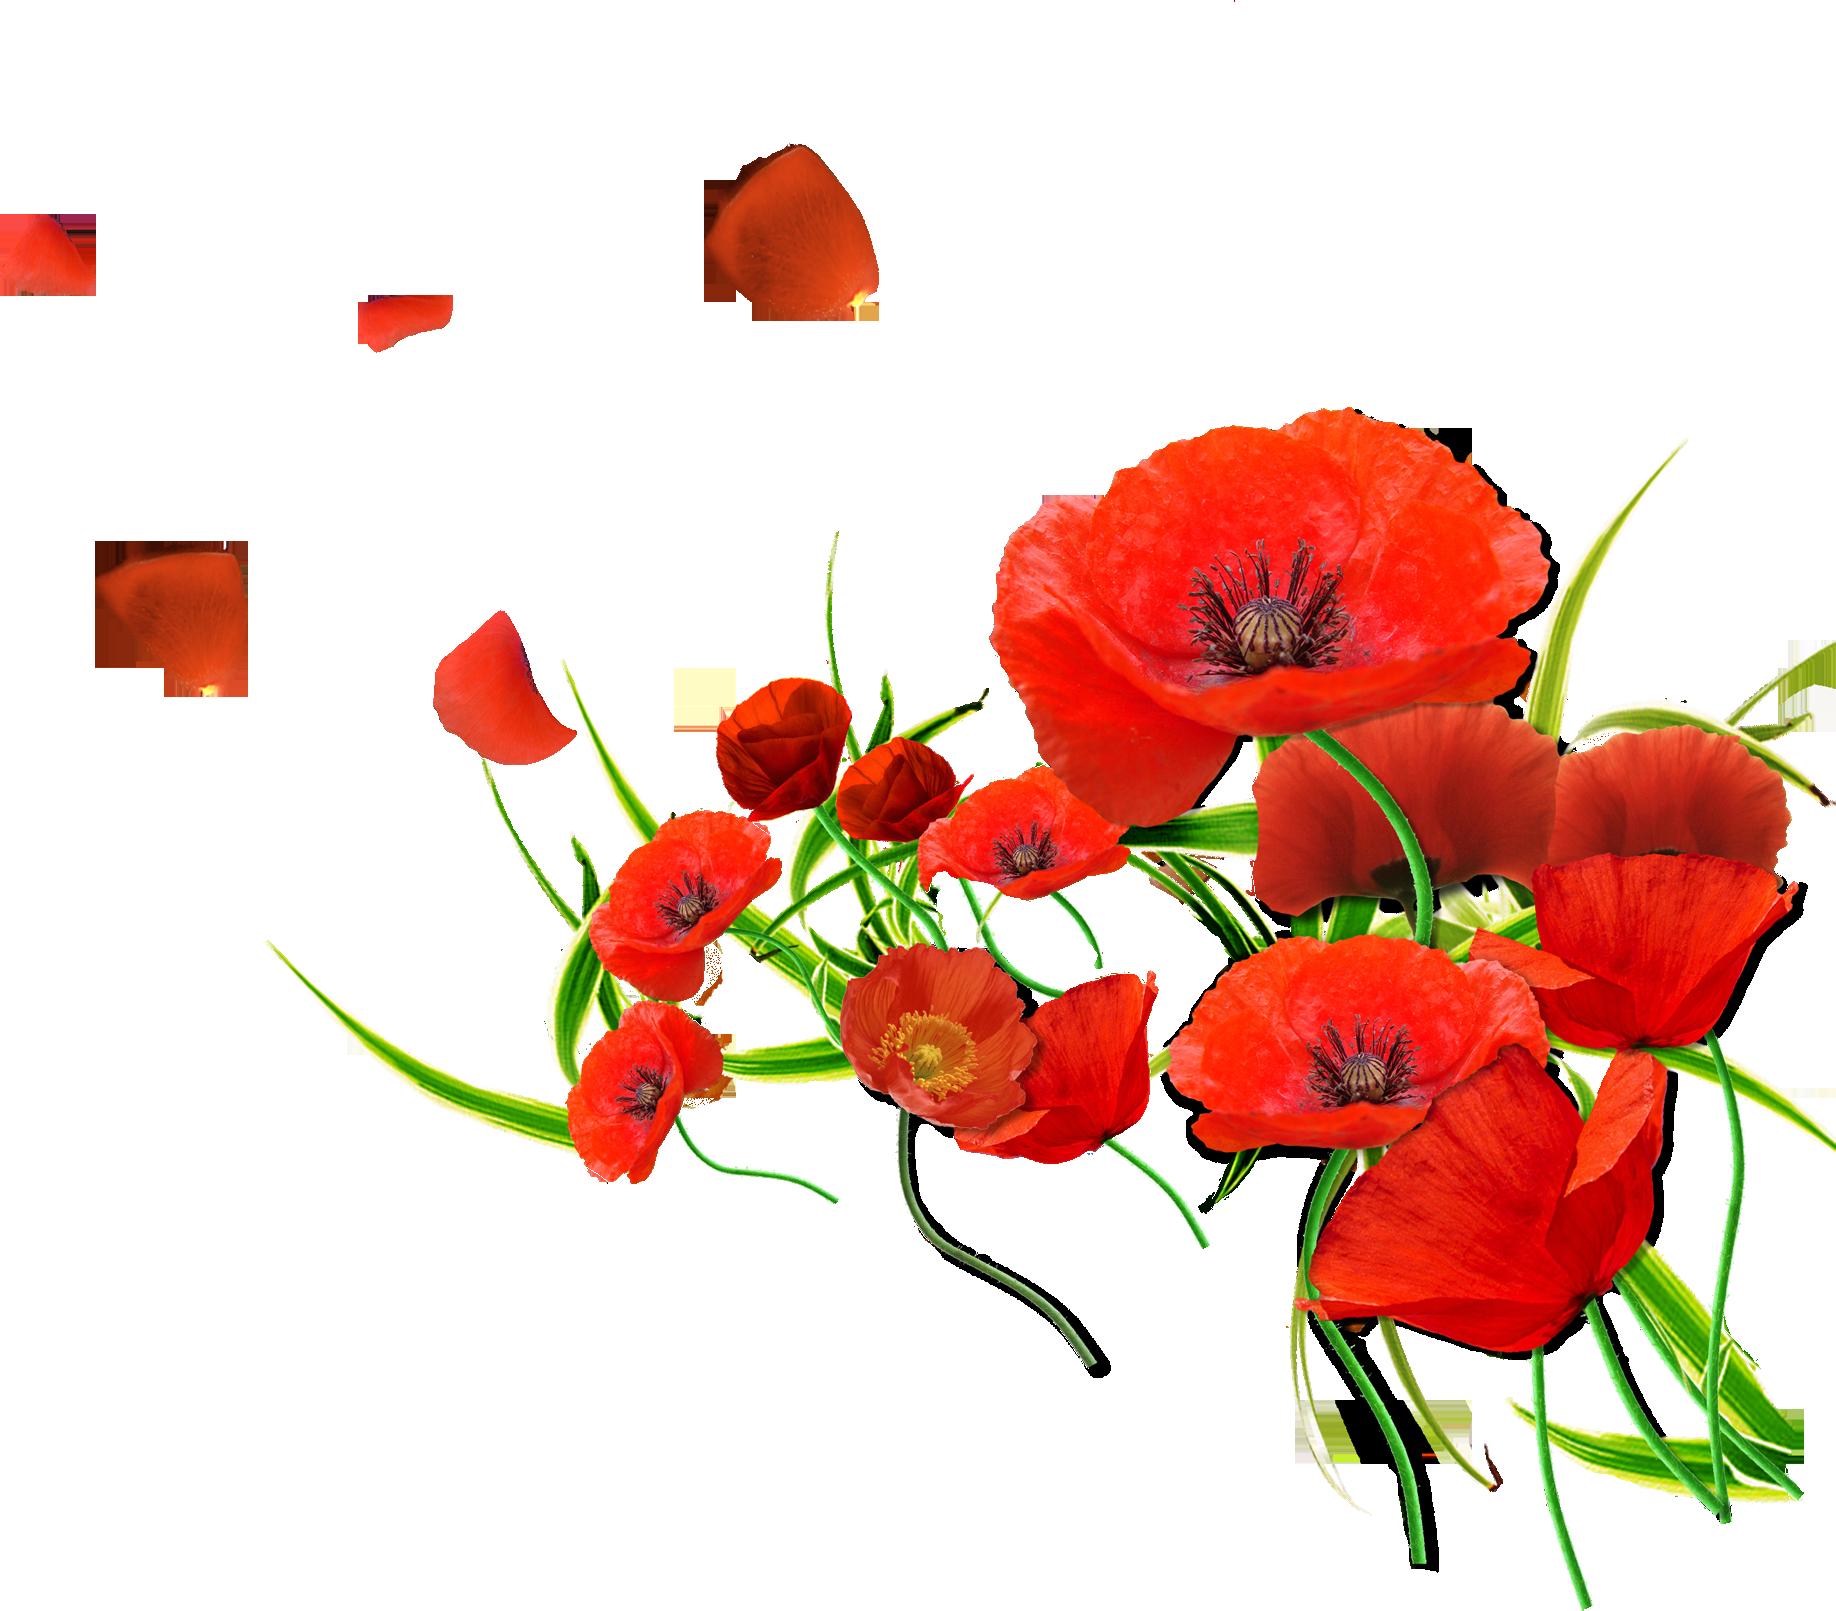 image coquelicot rouge - Recherche Google | Coquelicots, Fleur de ...